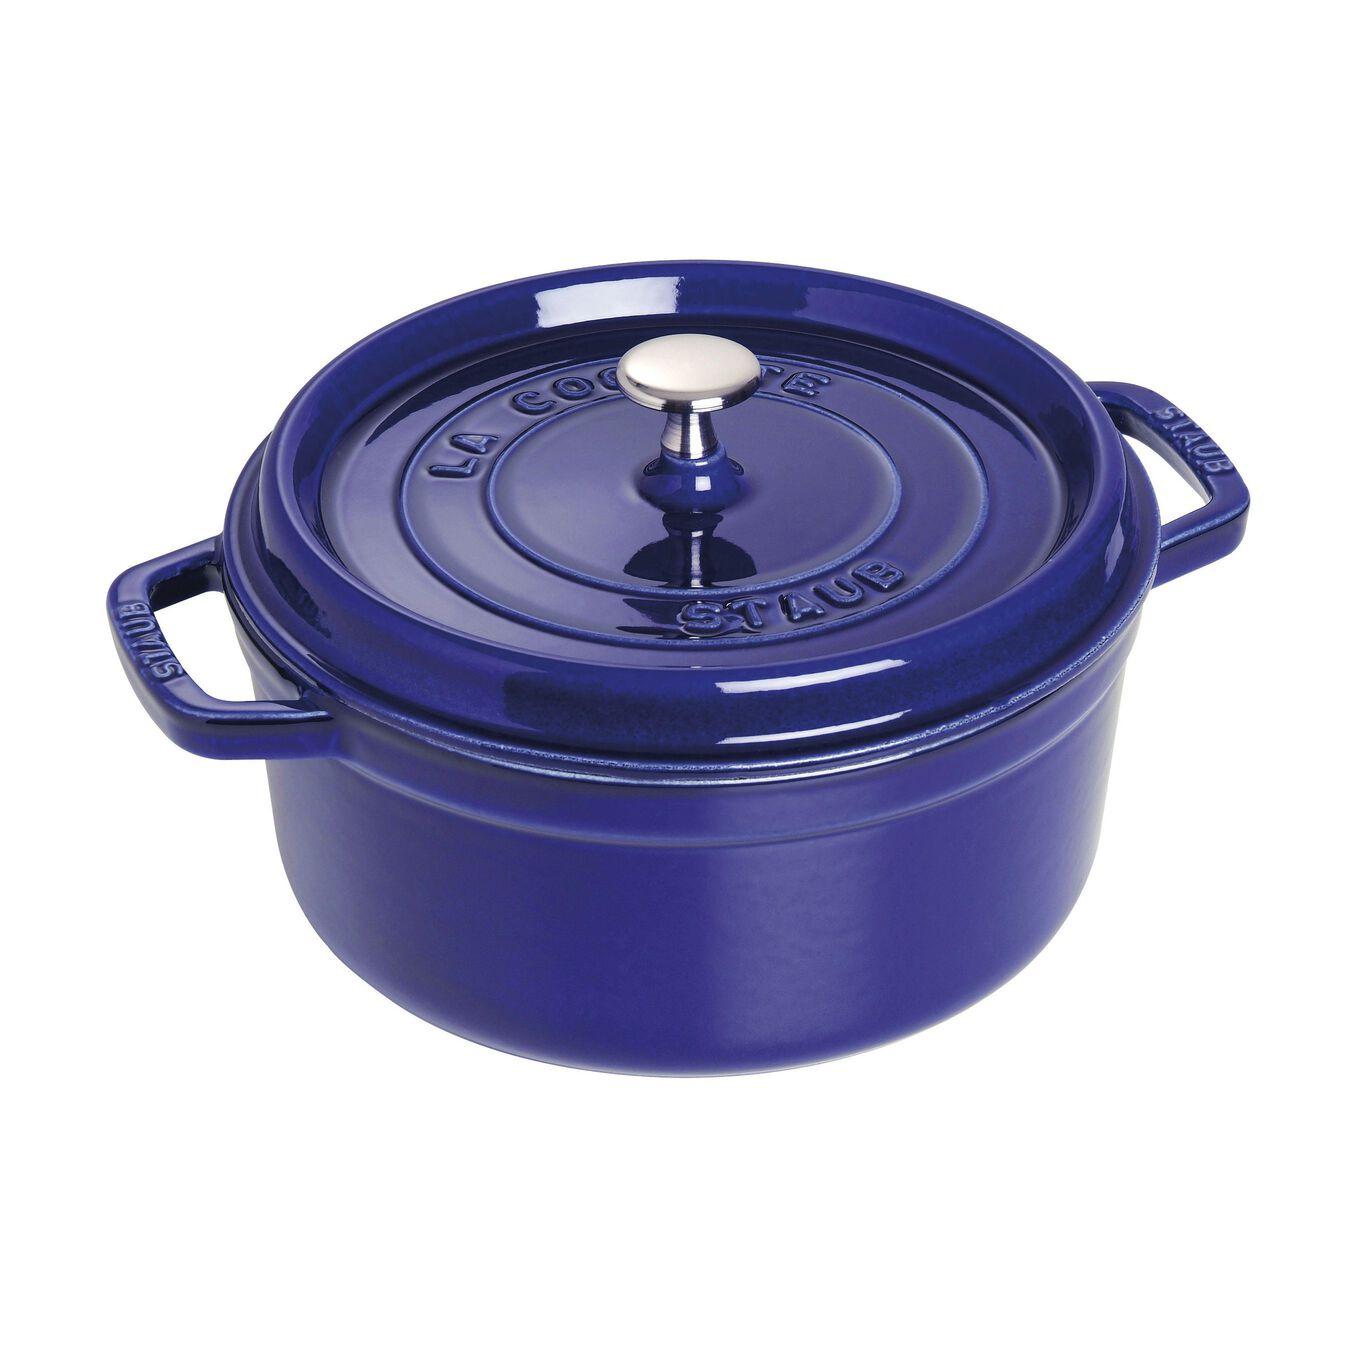 Caçarola 22 cm, redondo, azul marinho, Ferro fundido,,large 1